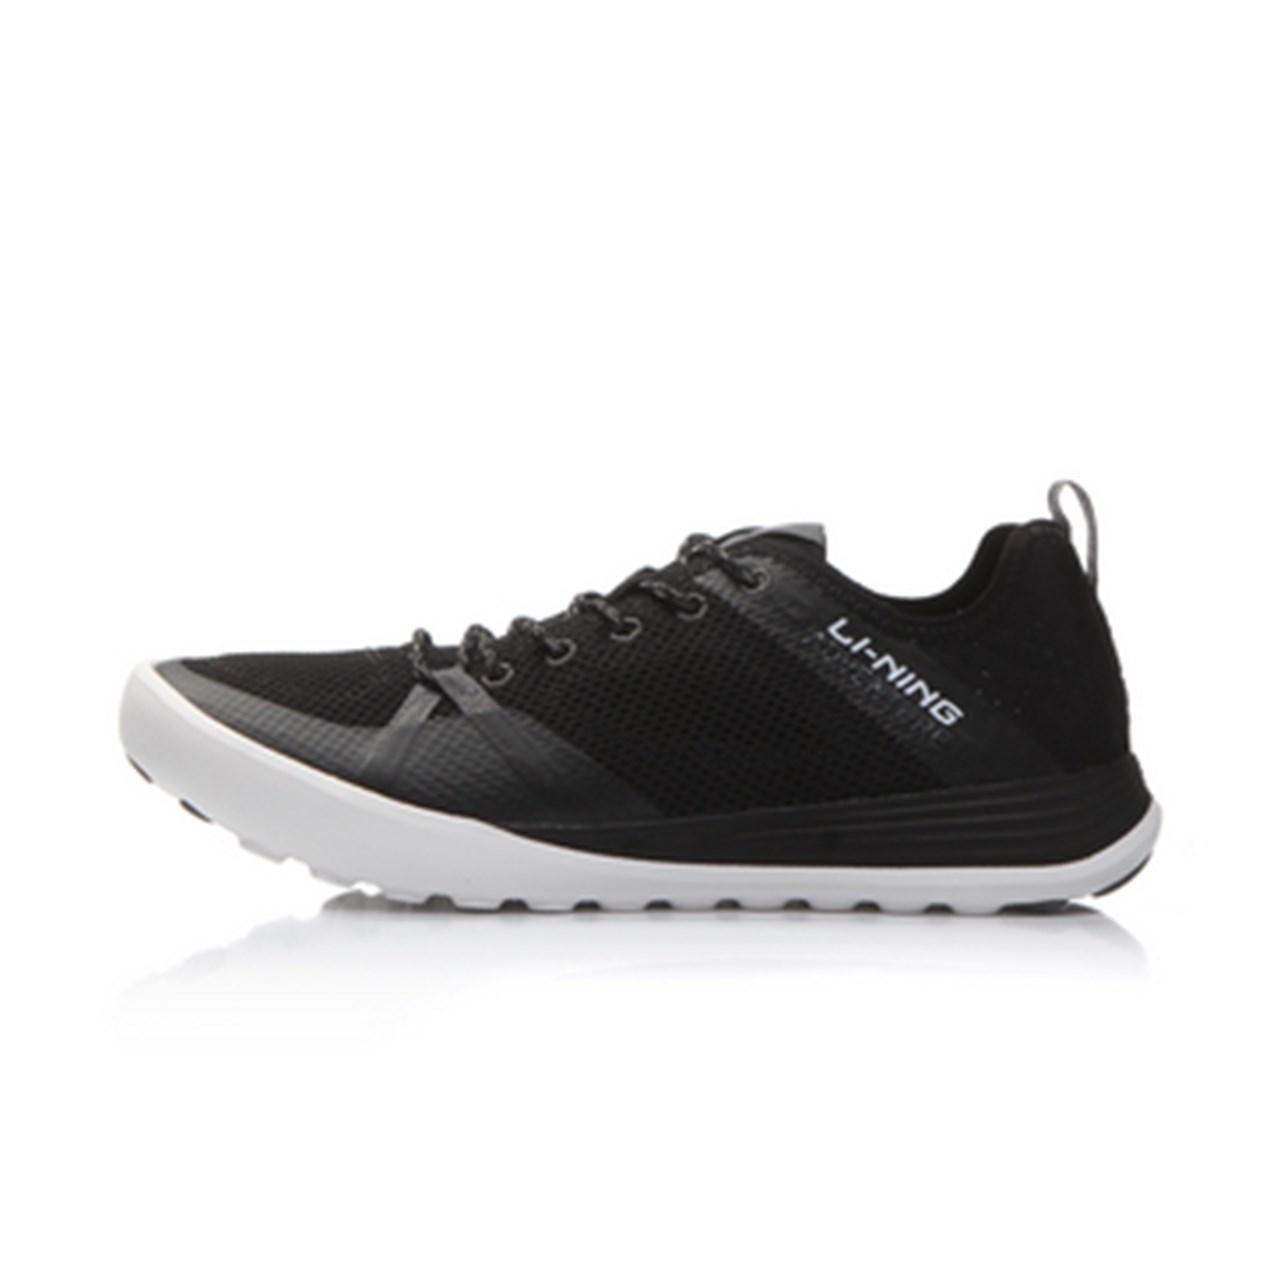 قیمت کفش مخصوص پیاده روی مردانه مدل Lingbo